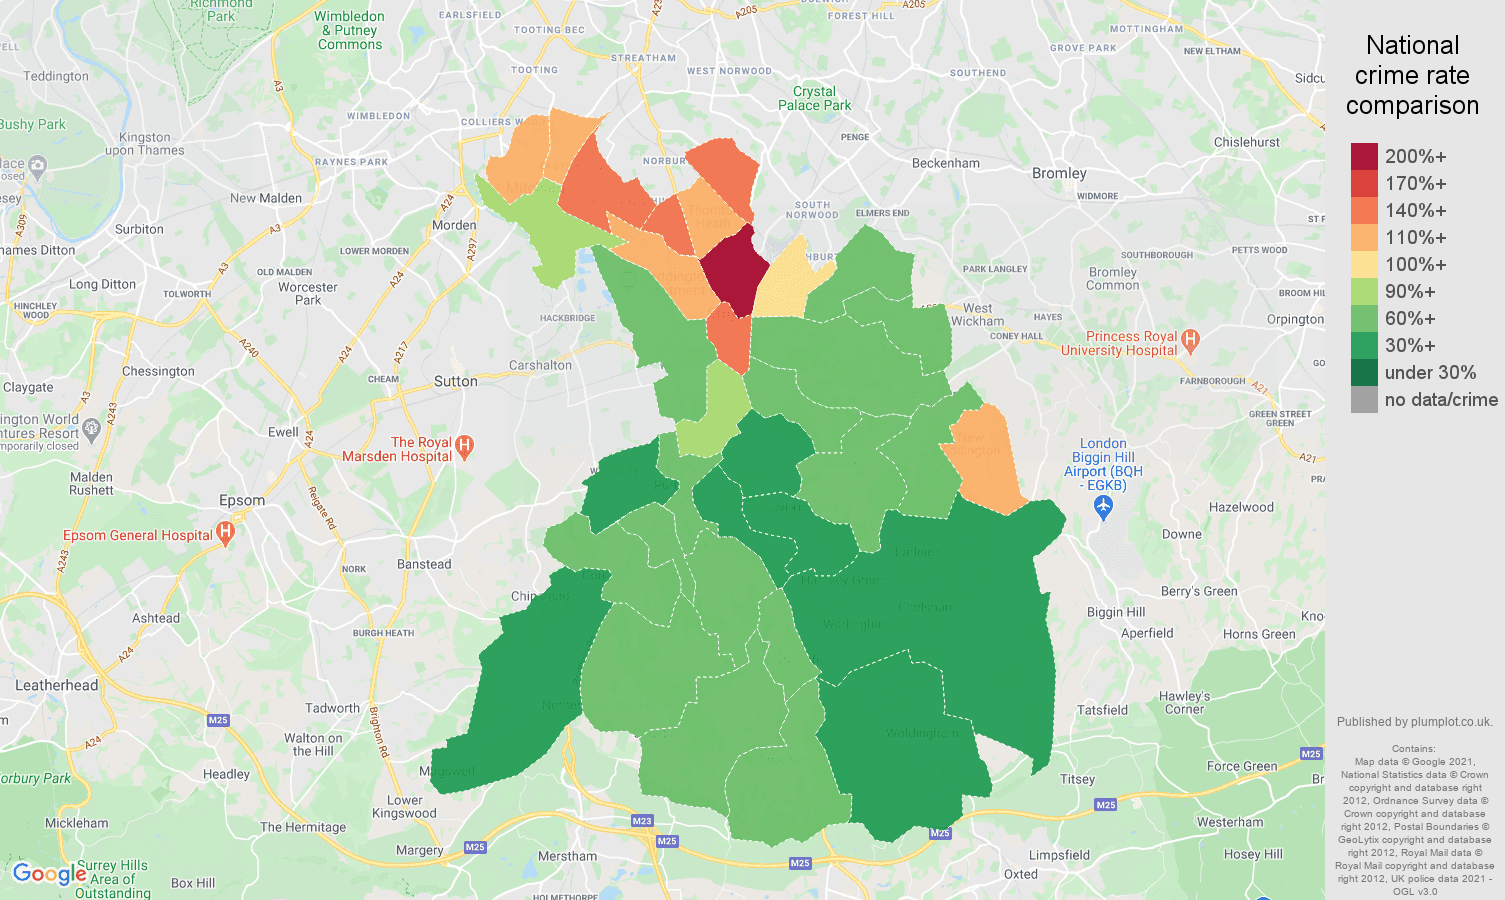 Croydon violent crime rate comparison map